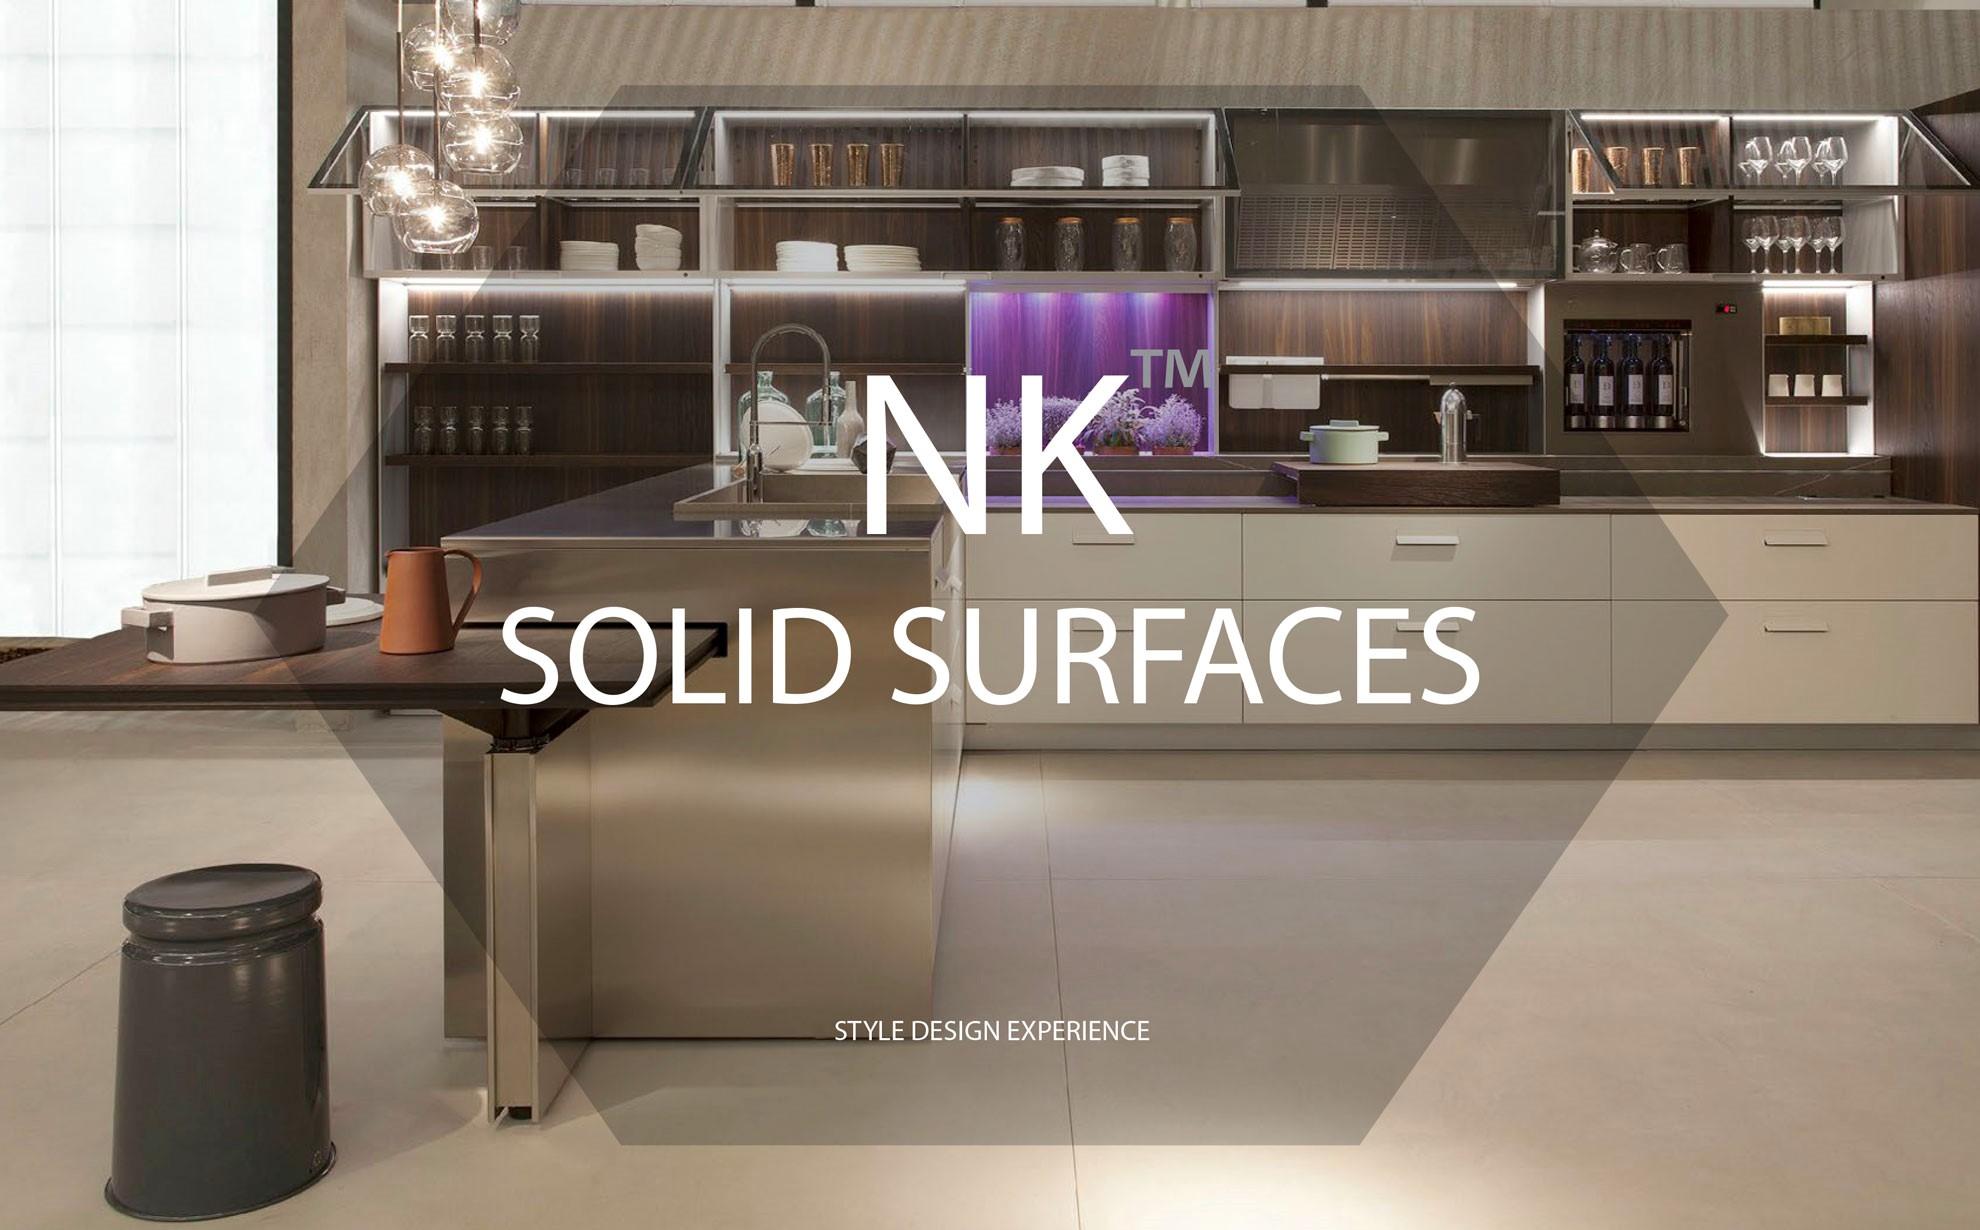 https://www.moltenivernici.com/cataloghi-it/catalogo-nk-effetto-solid-surface-molteni-vernici